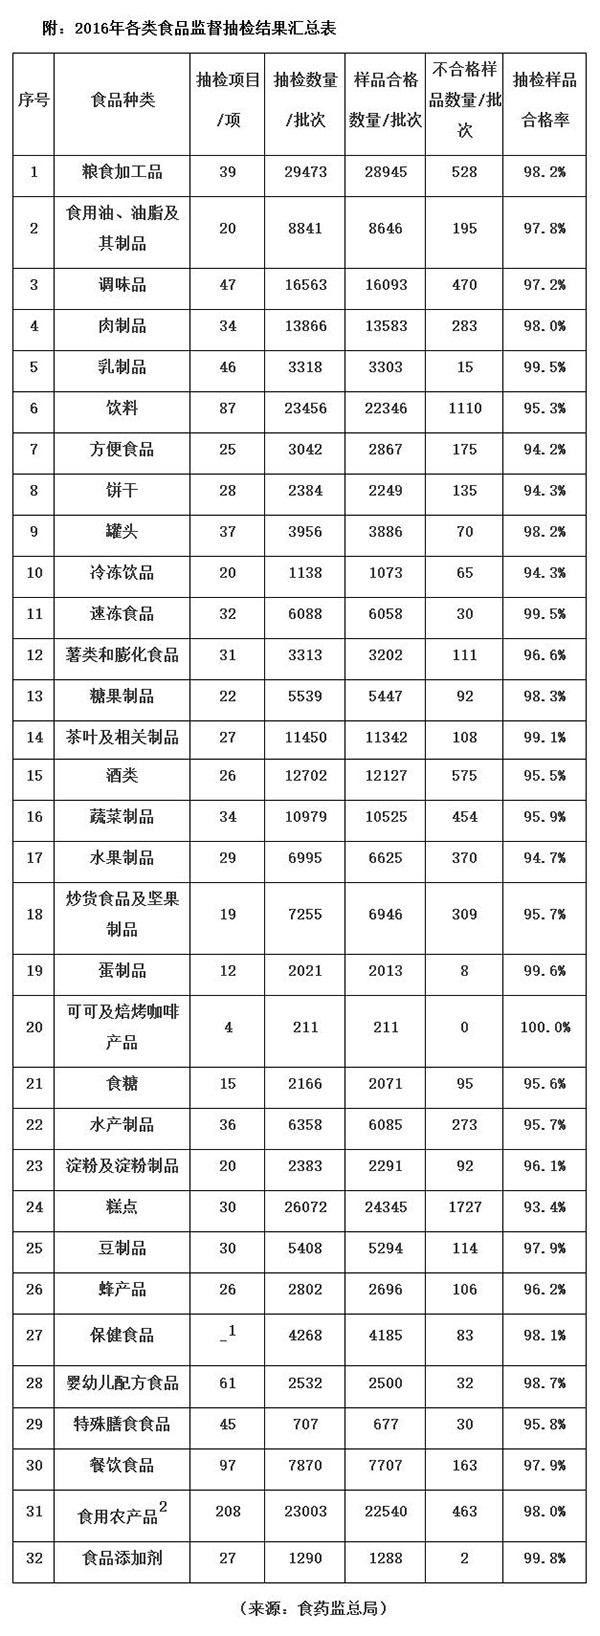 2016年食品抽检合格率96.8%PE.jpg